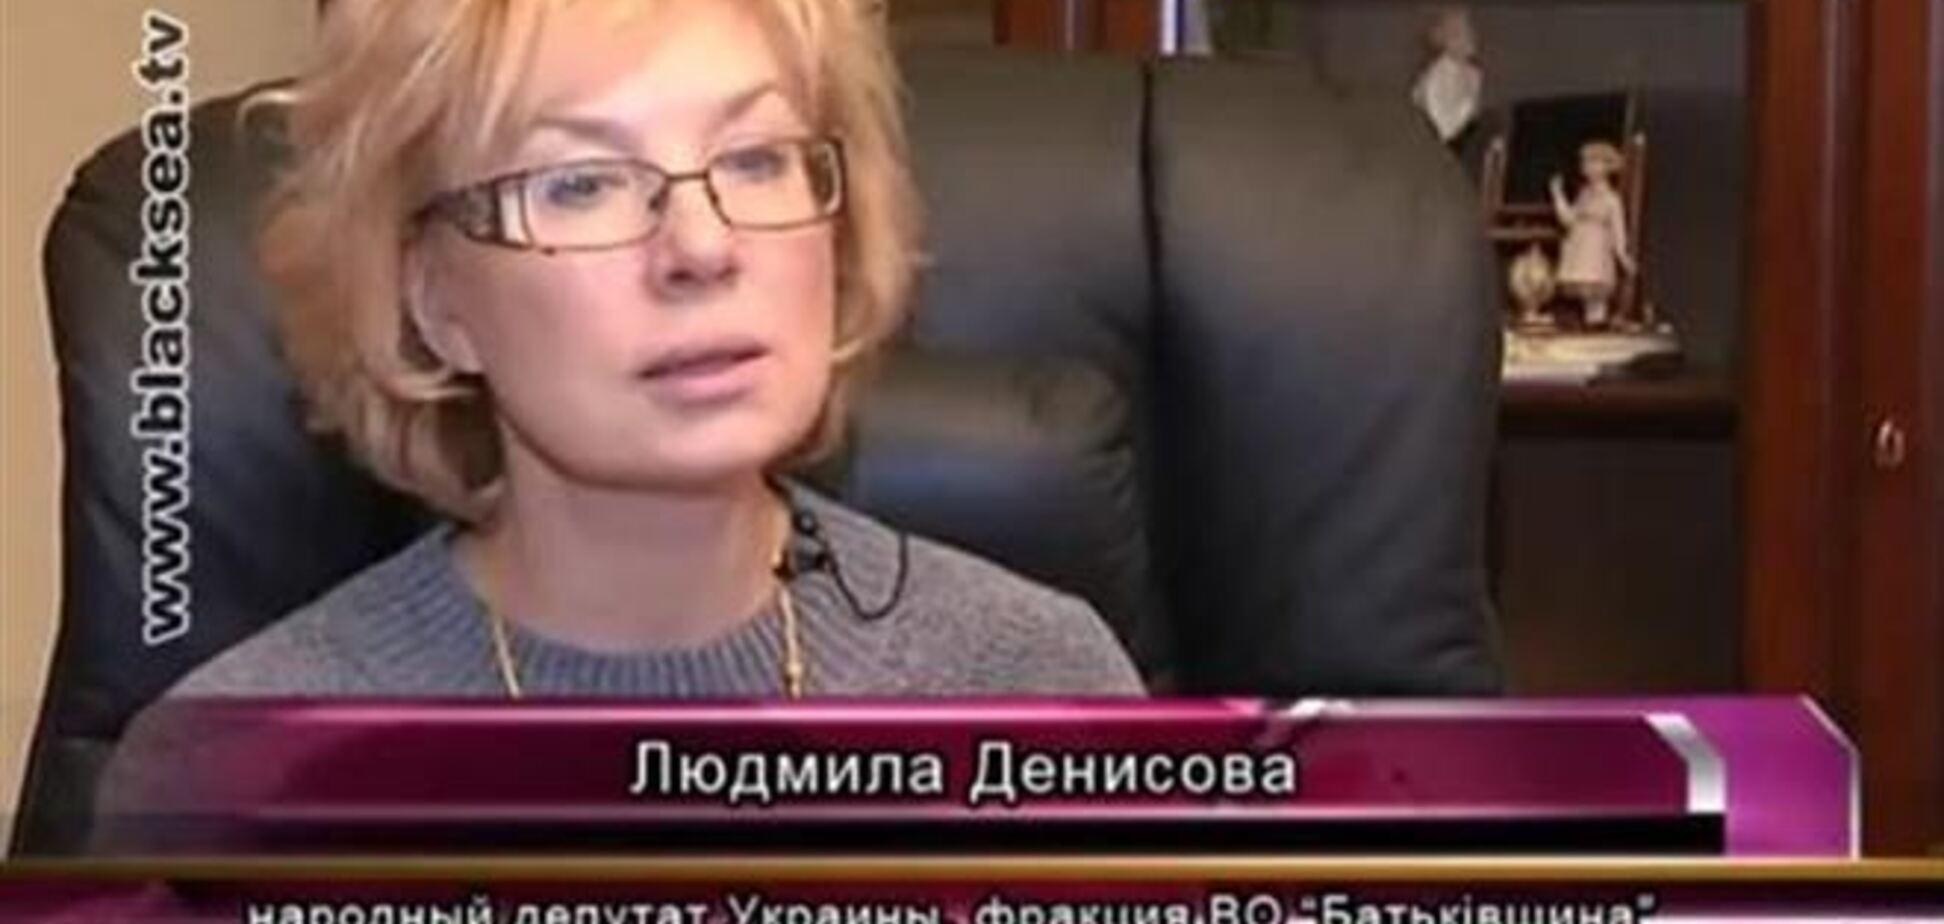 'Батьківщина' намерена судиться с Советом министров АРК за ролики о 'предателях Крыма'